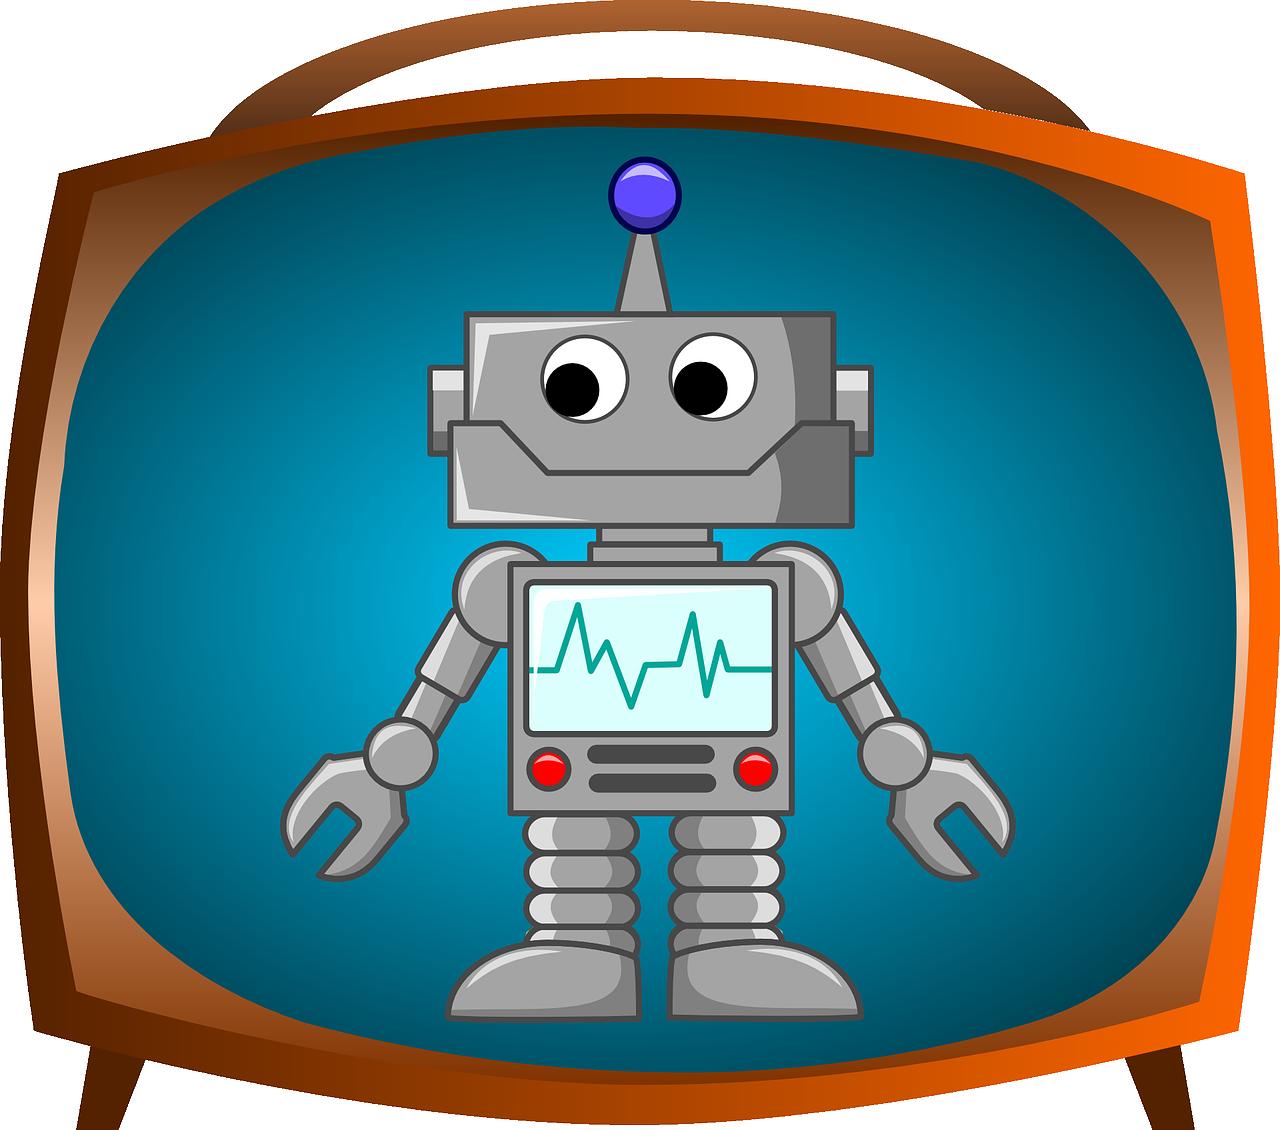 CentOSでcertbot-autoが失敗した時の対処